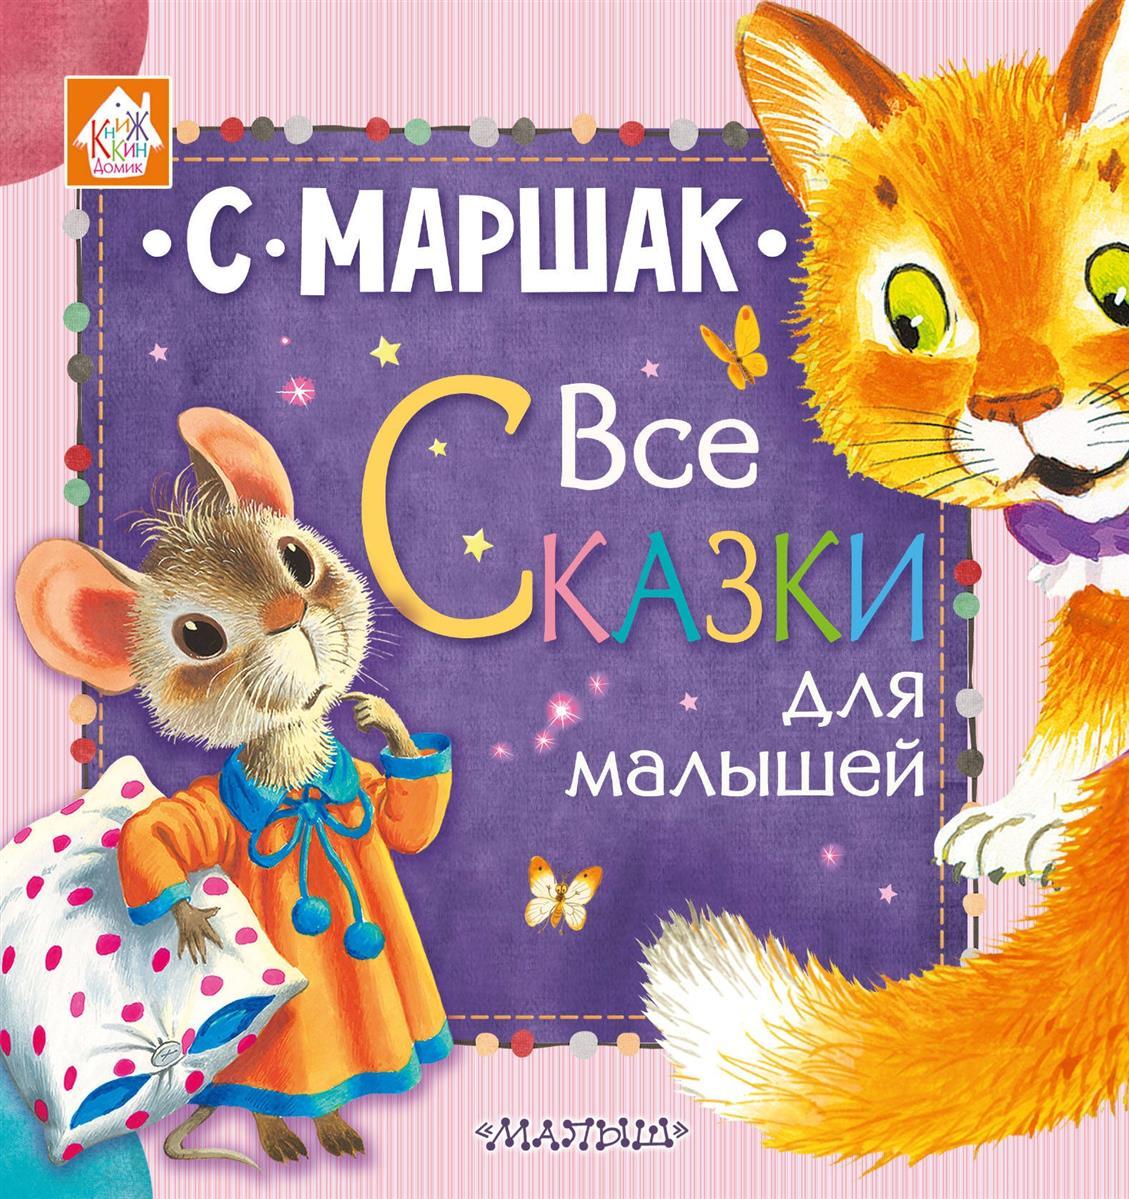 Маршак С. Все сказки для малышей 15 1034354